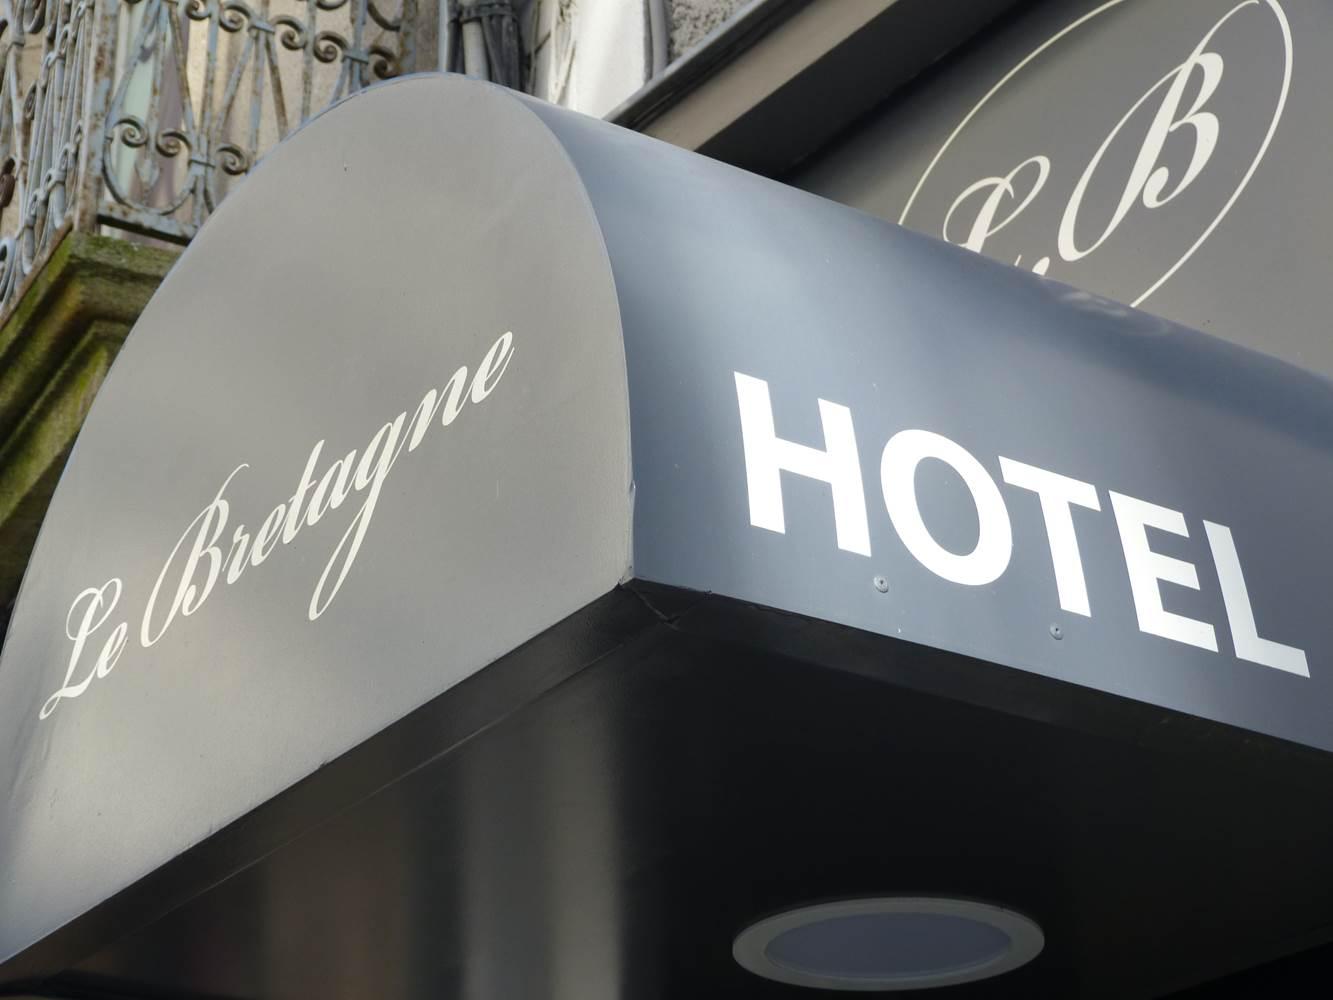 entrée de l'hôtel Le bretagne à Vannes ©